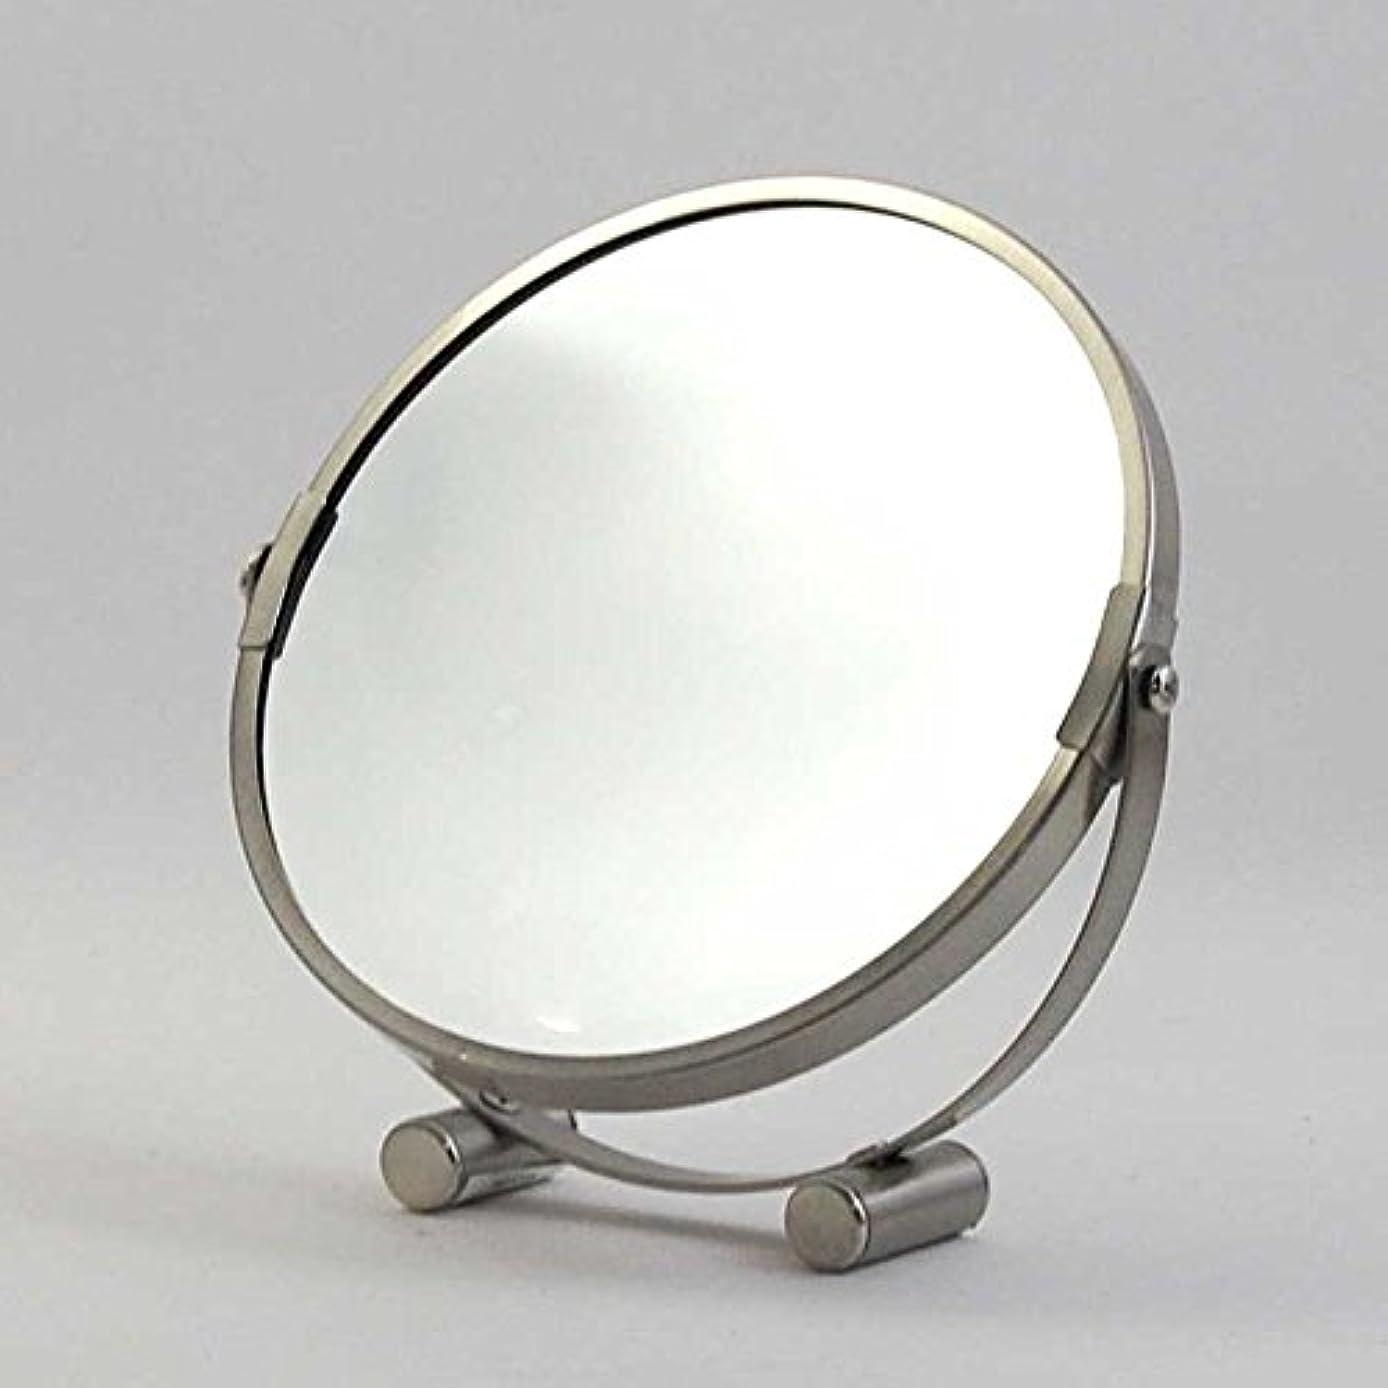 肉屋プロフェッショナル狂信者卓上ミラー ダルトン ROUND MIRROR ラウンド ミラー A655-723 丸型 両面鏡 拡大鏡付